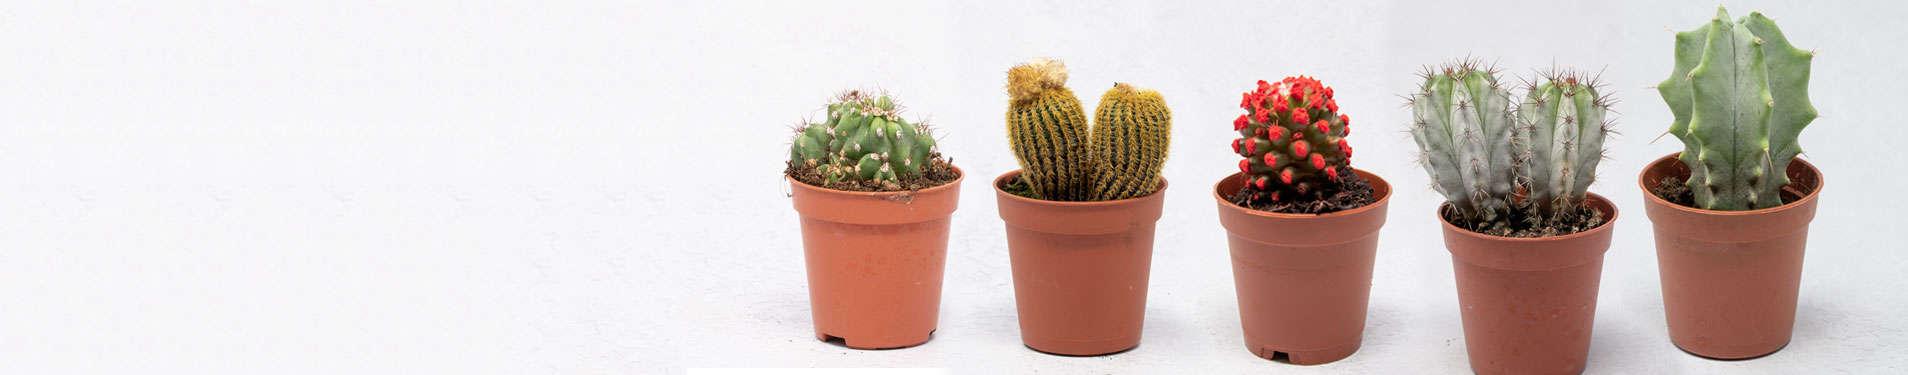 comprar cactus pequeños online